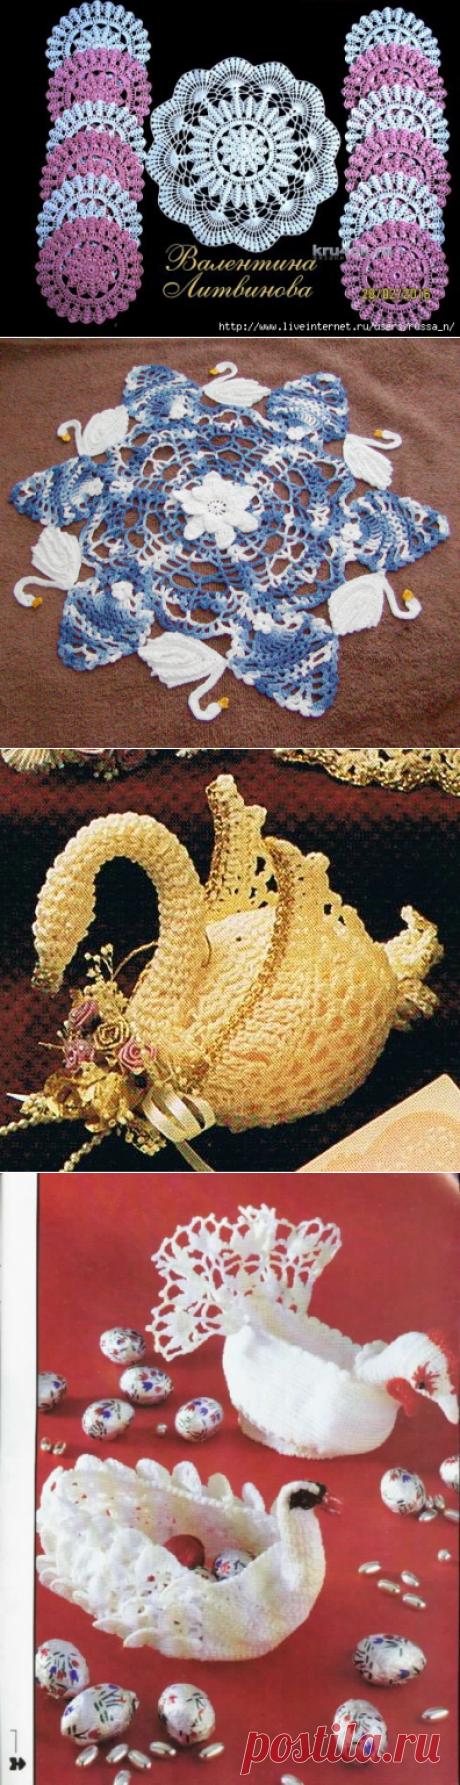 Las servilletas por el gancho | las Anotaciones en la rúbrica de la Servilleta por el gancho | el diario VitushkinaNA